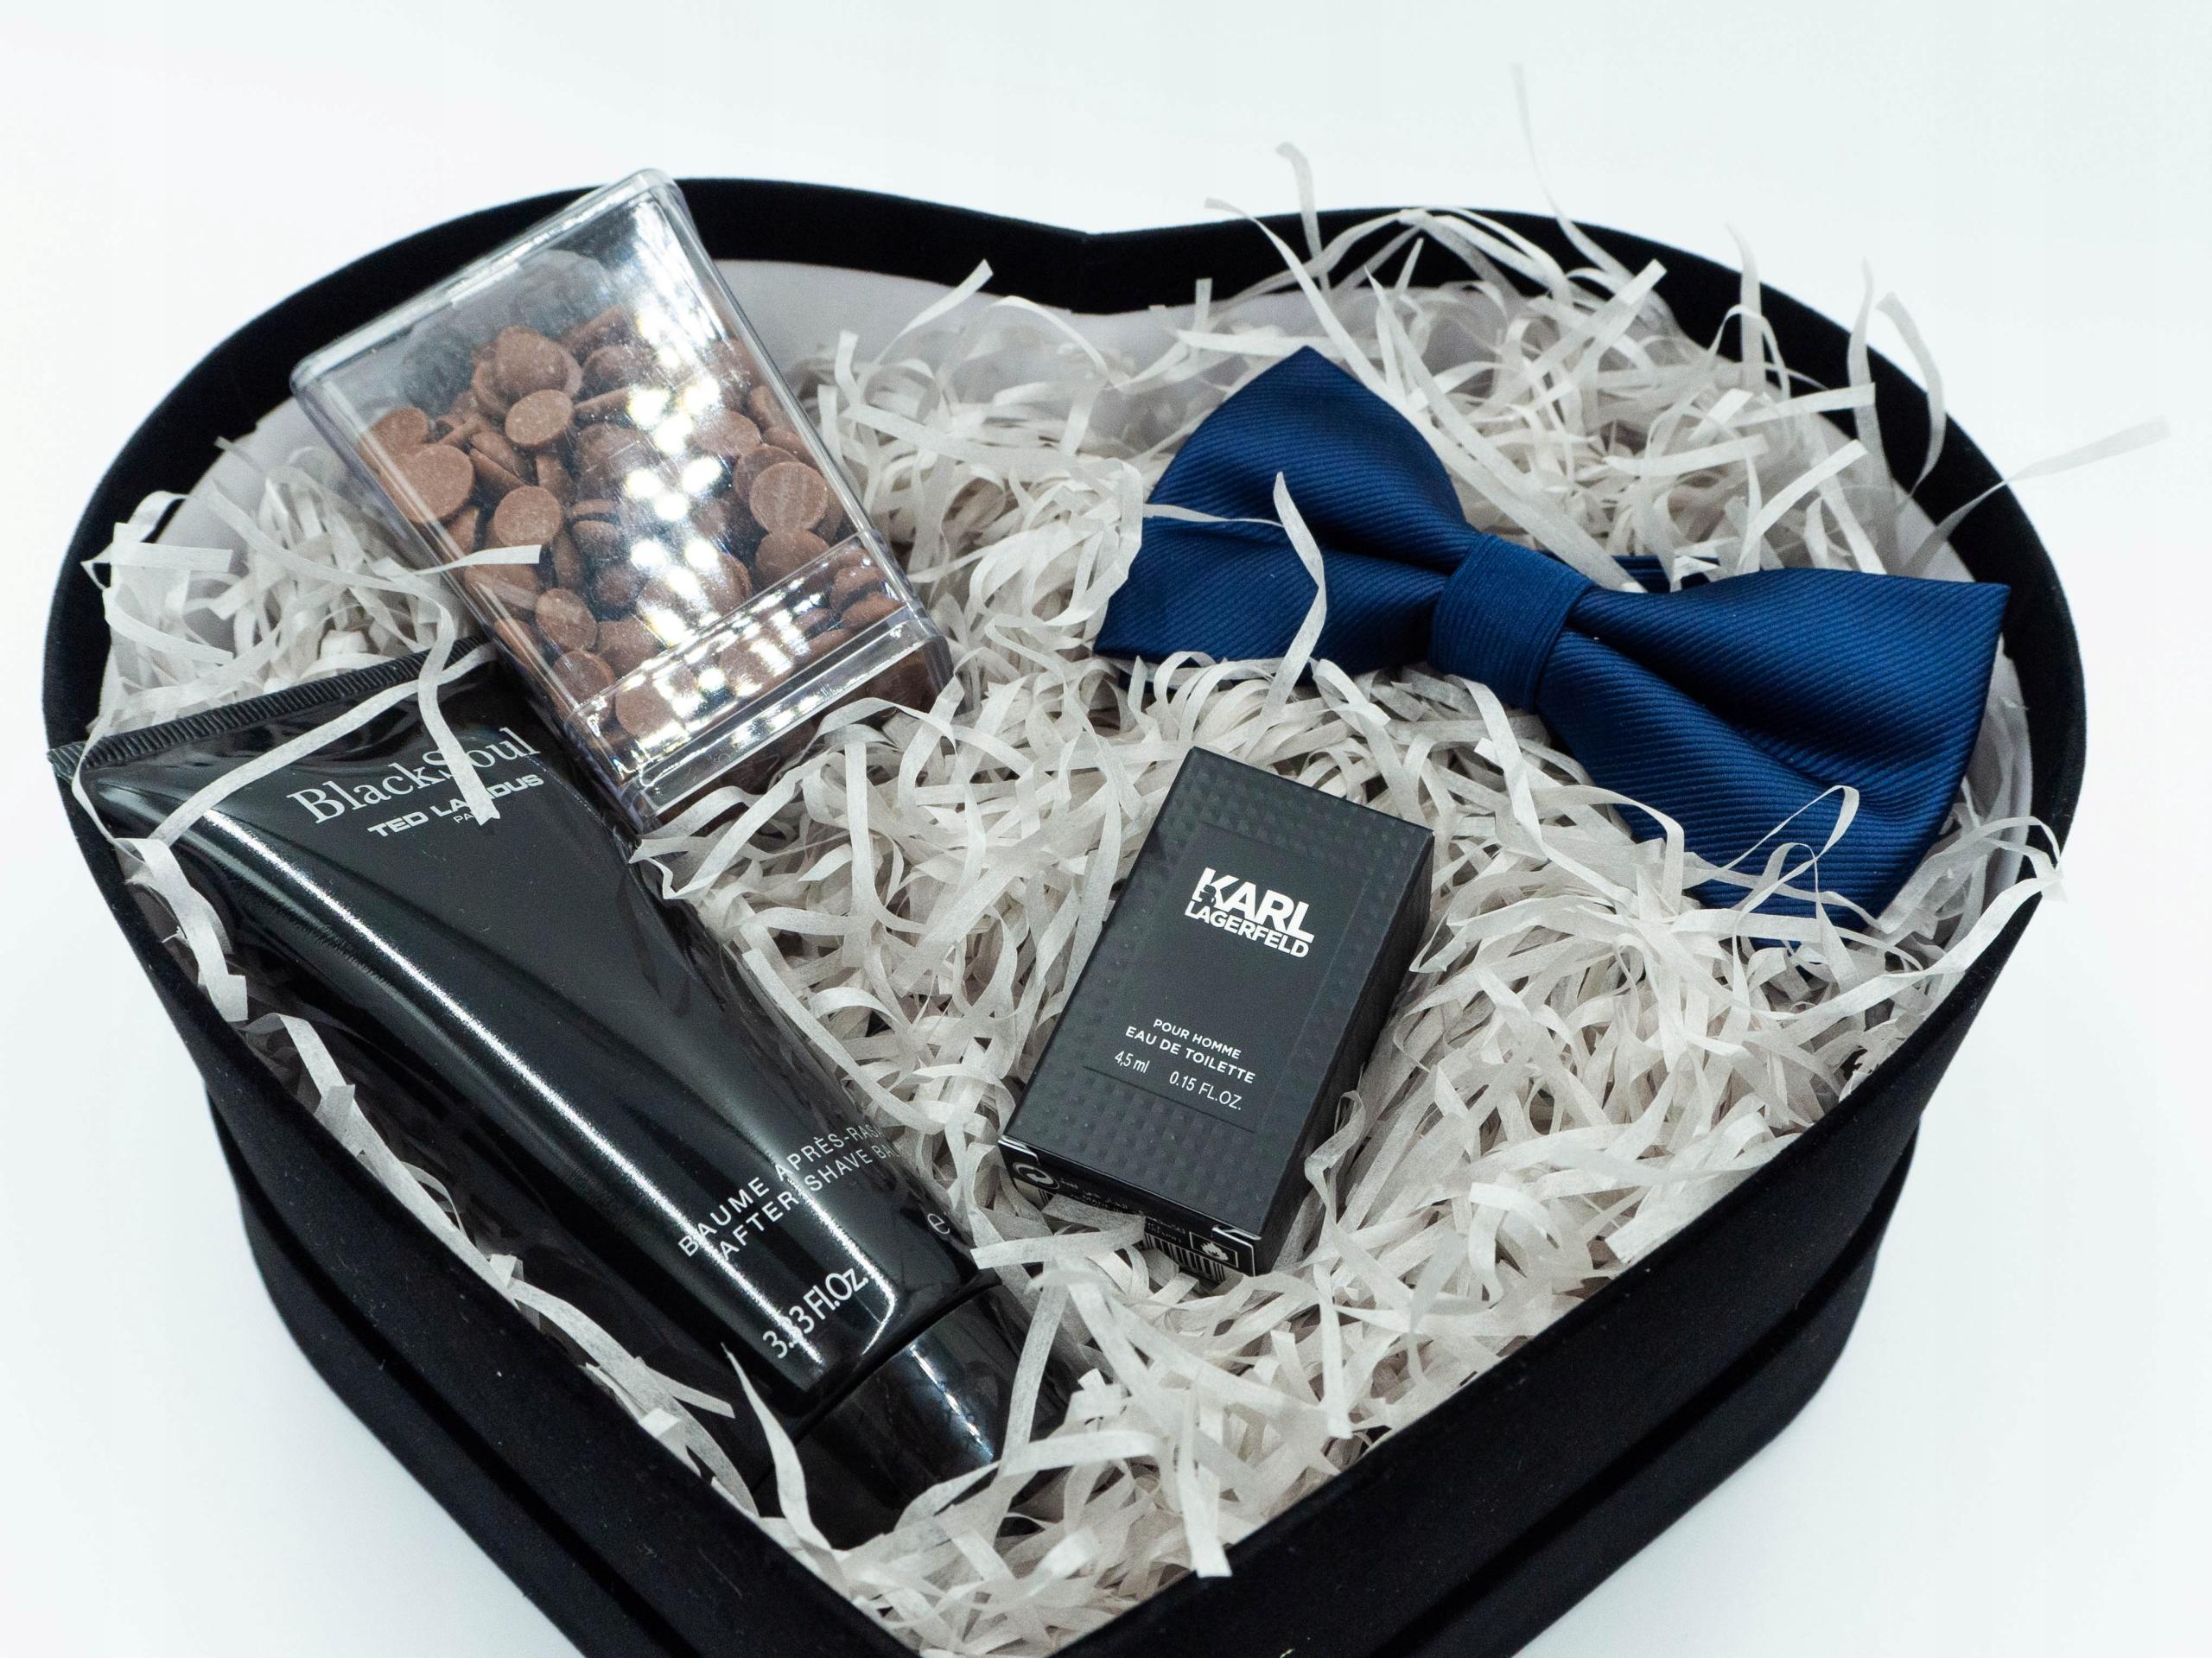 Zestaw Prezentowy Walentynki dla niego męski Rodzaj gadżetu zestaw dekoracyjny